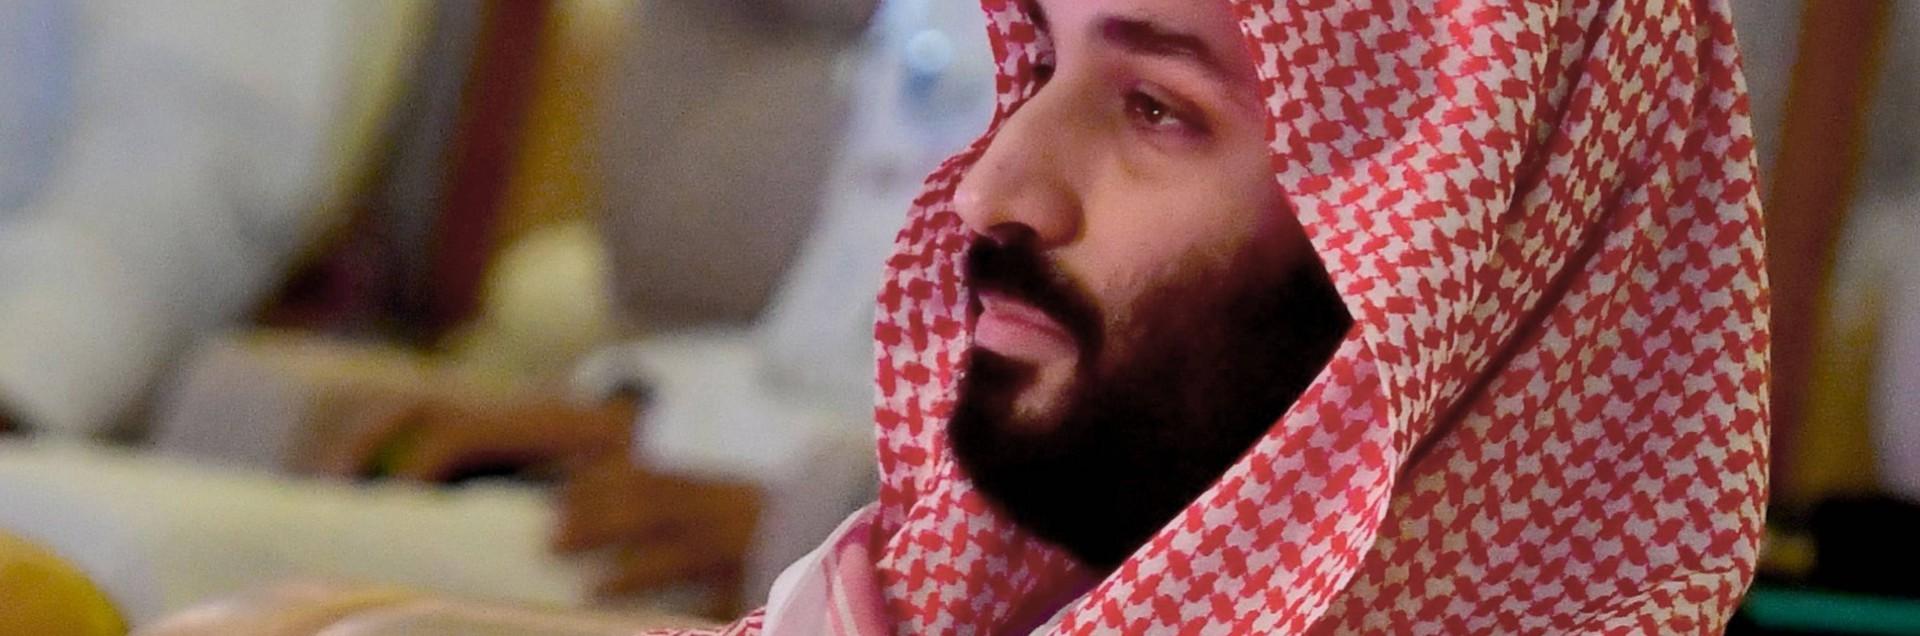 Dopo l'omicidio di Khashoggi <br> Bin Salman rischia di saltare